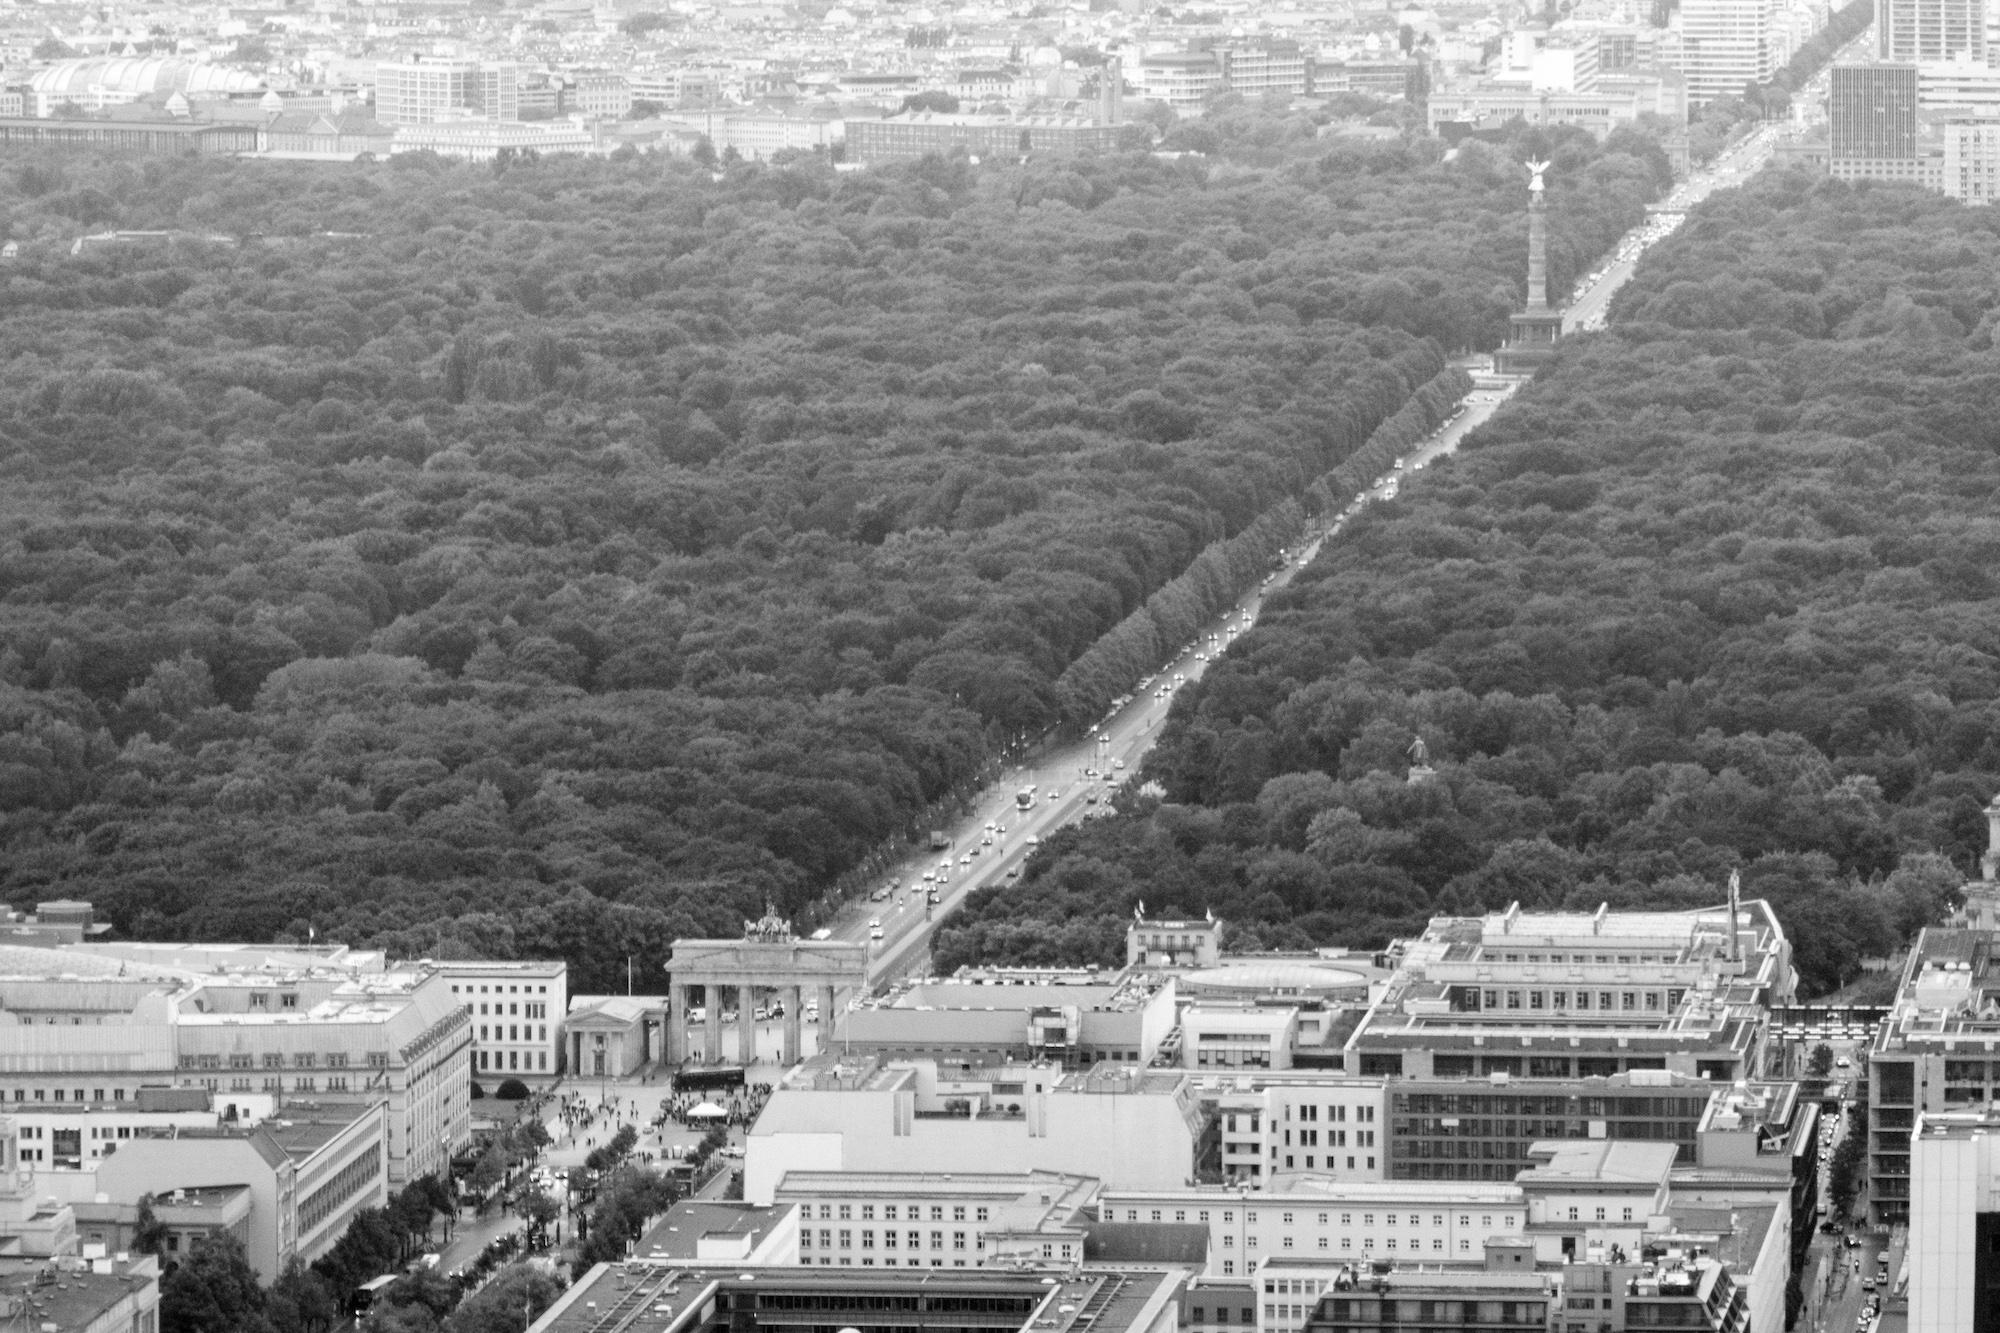 Zu Besuch In Auf Und über Dem Berliner Fernsehturm At Gillyberlin